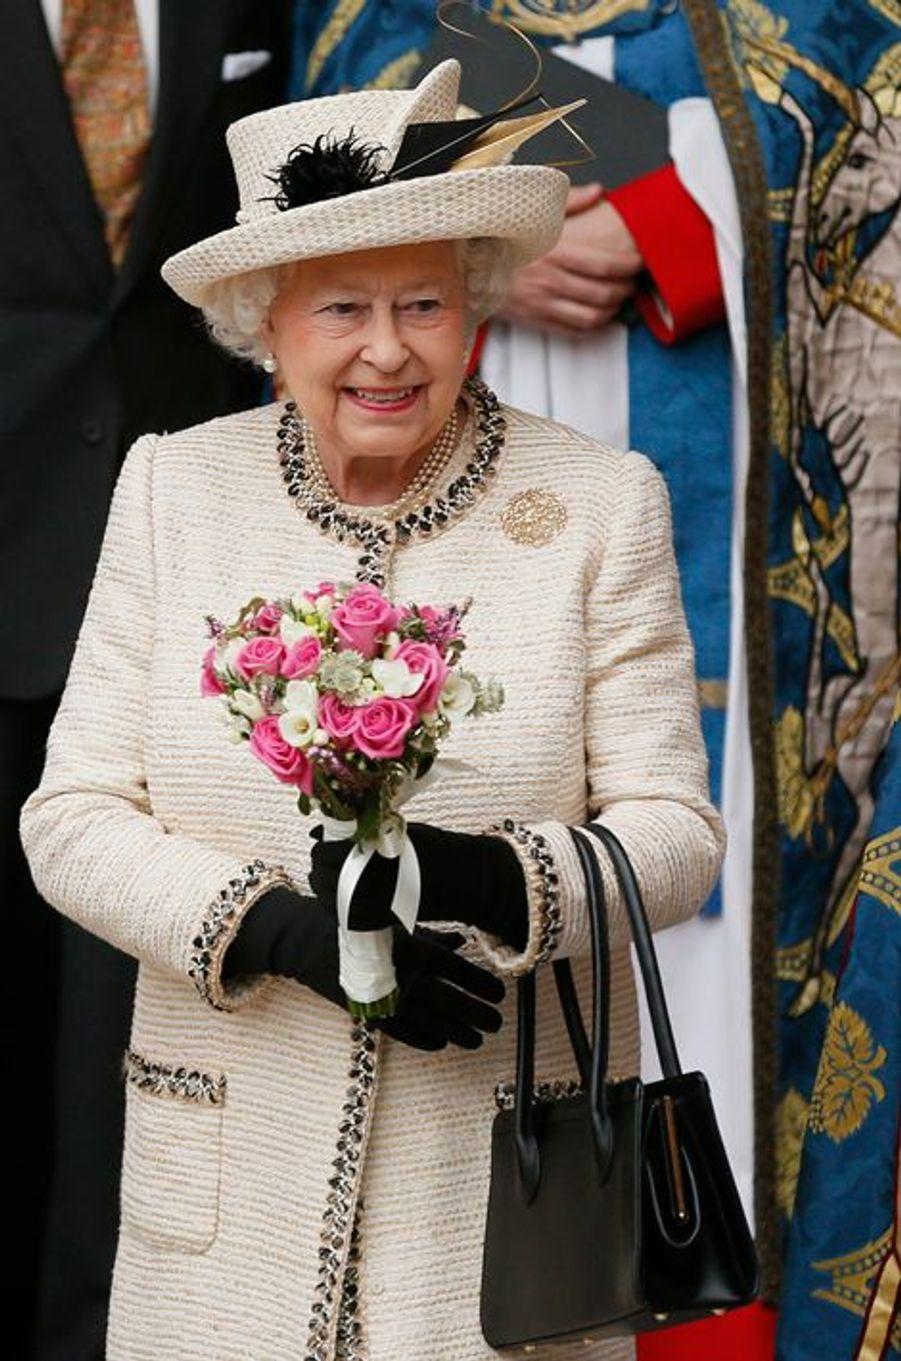 La reine Elizabeth II quitte l'abbaye de Westminster à Londres, le 9 mars 2015